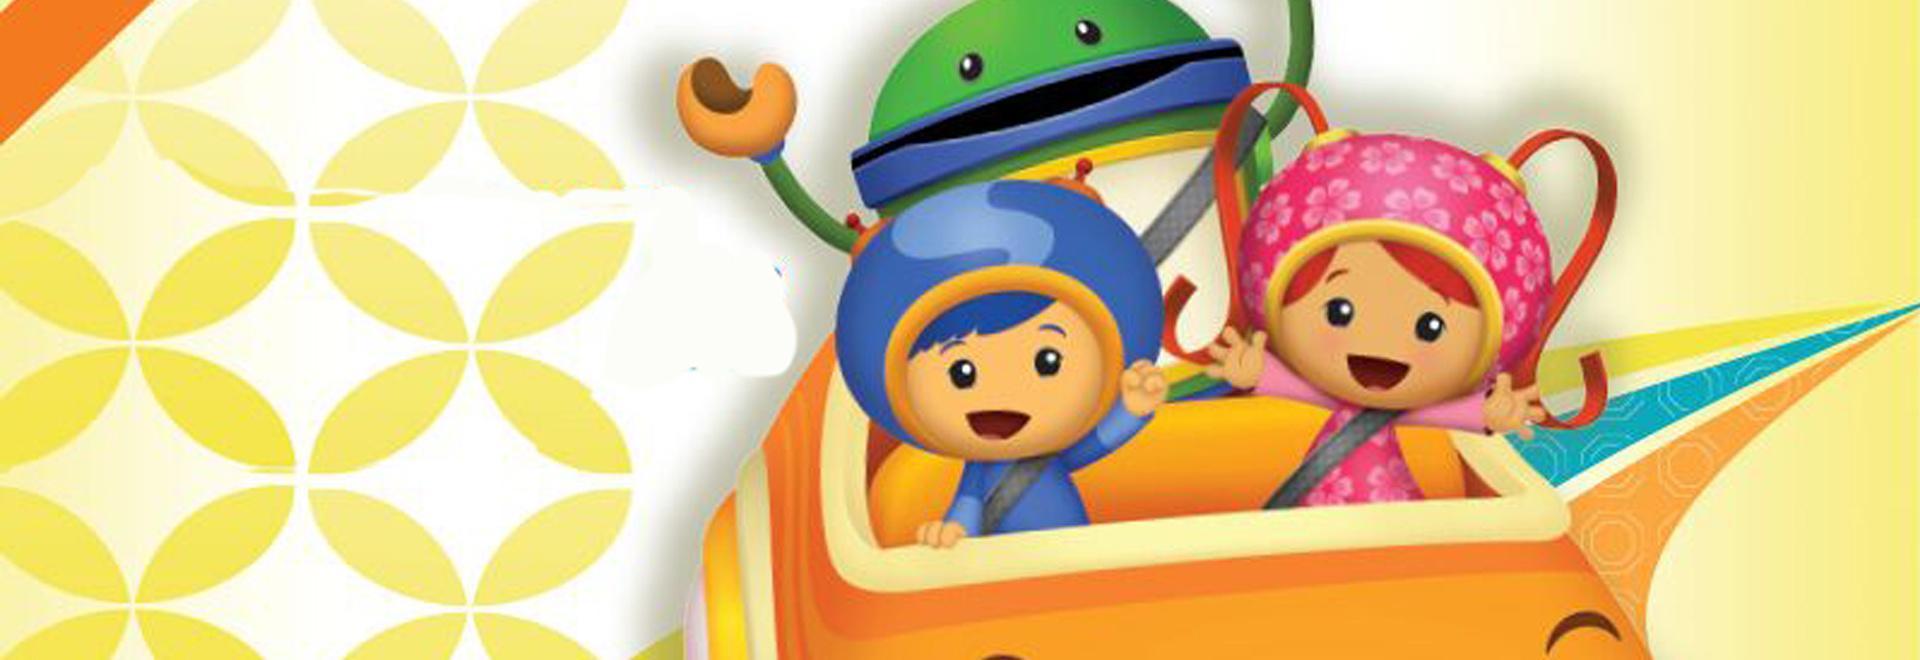 La parata dei giocattoli con le ruote